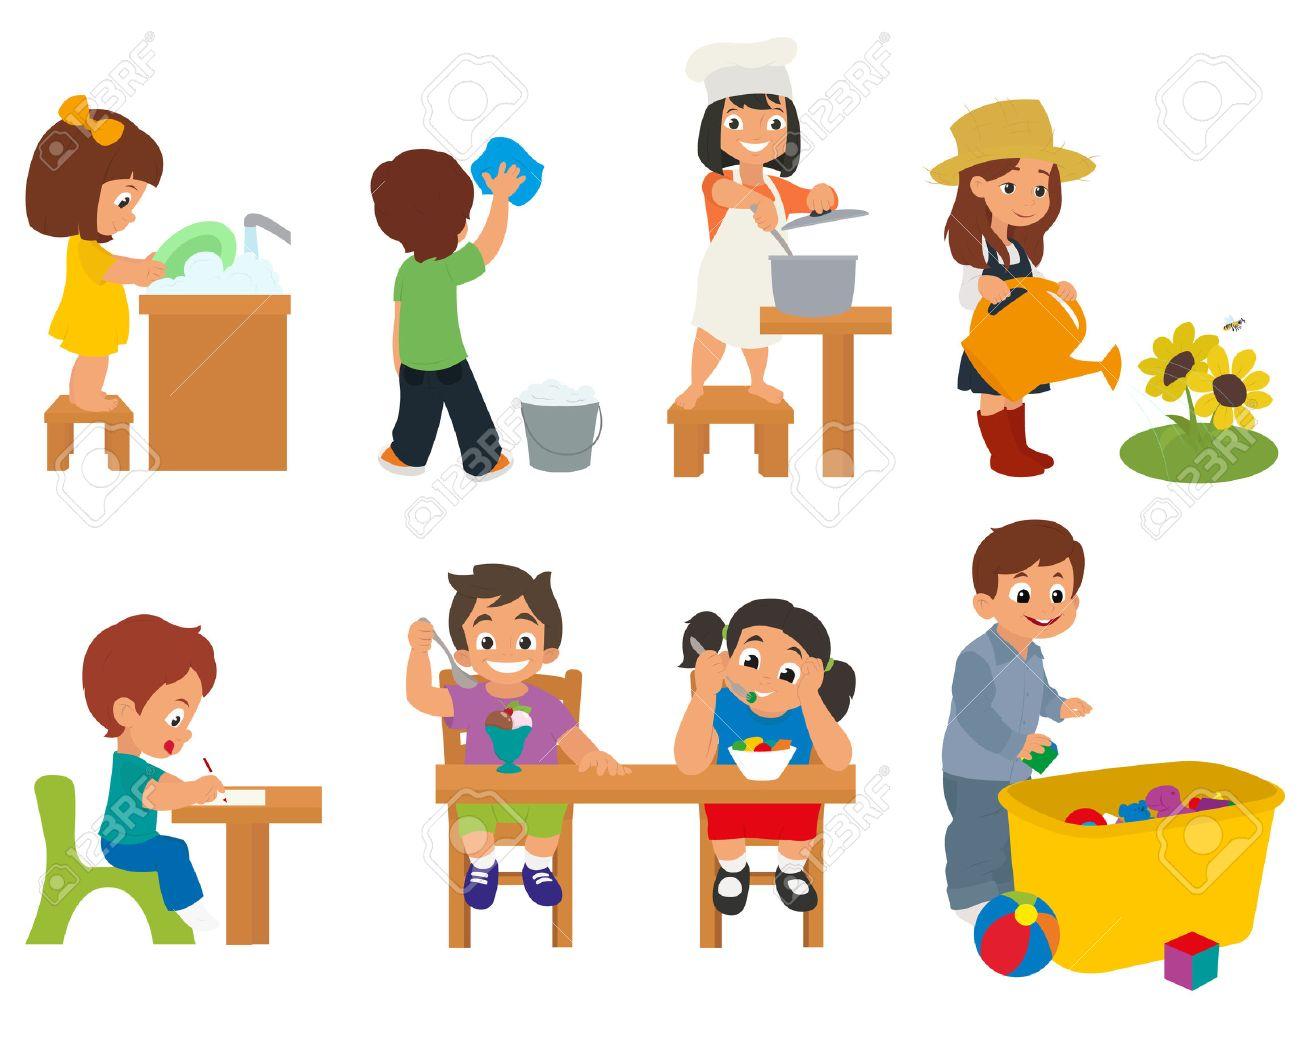 Chore clipart toddler. Children doing household chores